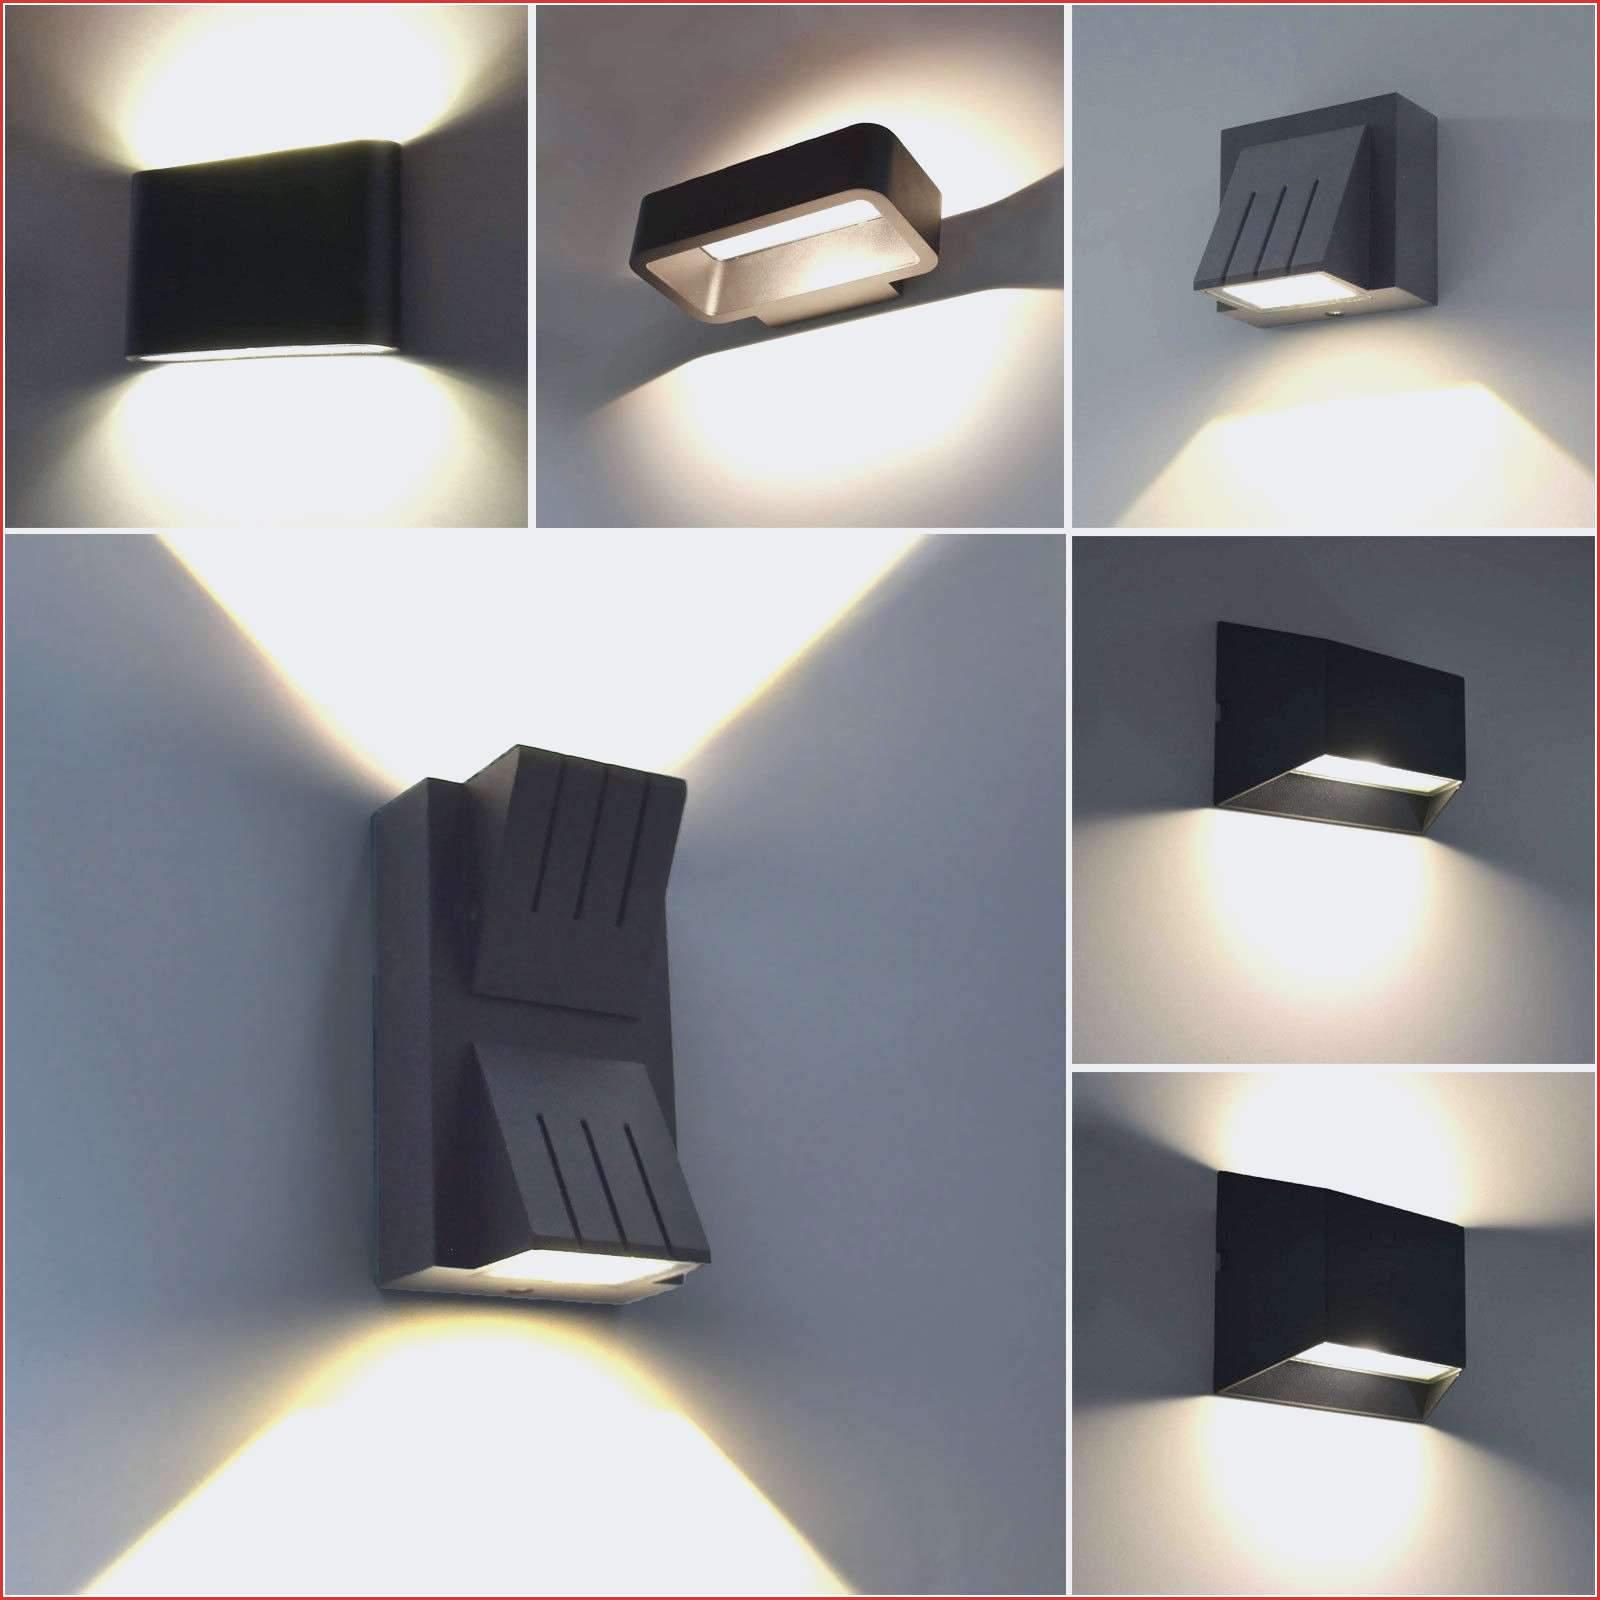 Full Size of Wandlampen Wohnzimmer Elegant 35 Genial Schlafzimmer Lampen Teppich Deckenlampe Weißes Kommode Weiß Komplett Günstig Schranksysteme Landhaus Landhausstil Wohnzimmer Wandlampen Schlafzimmer